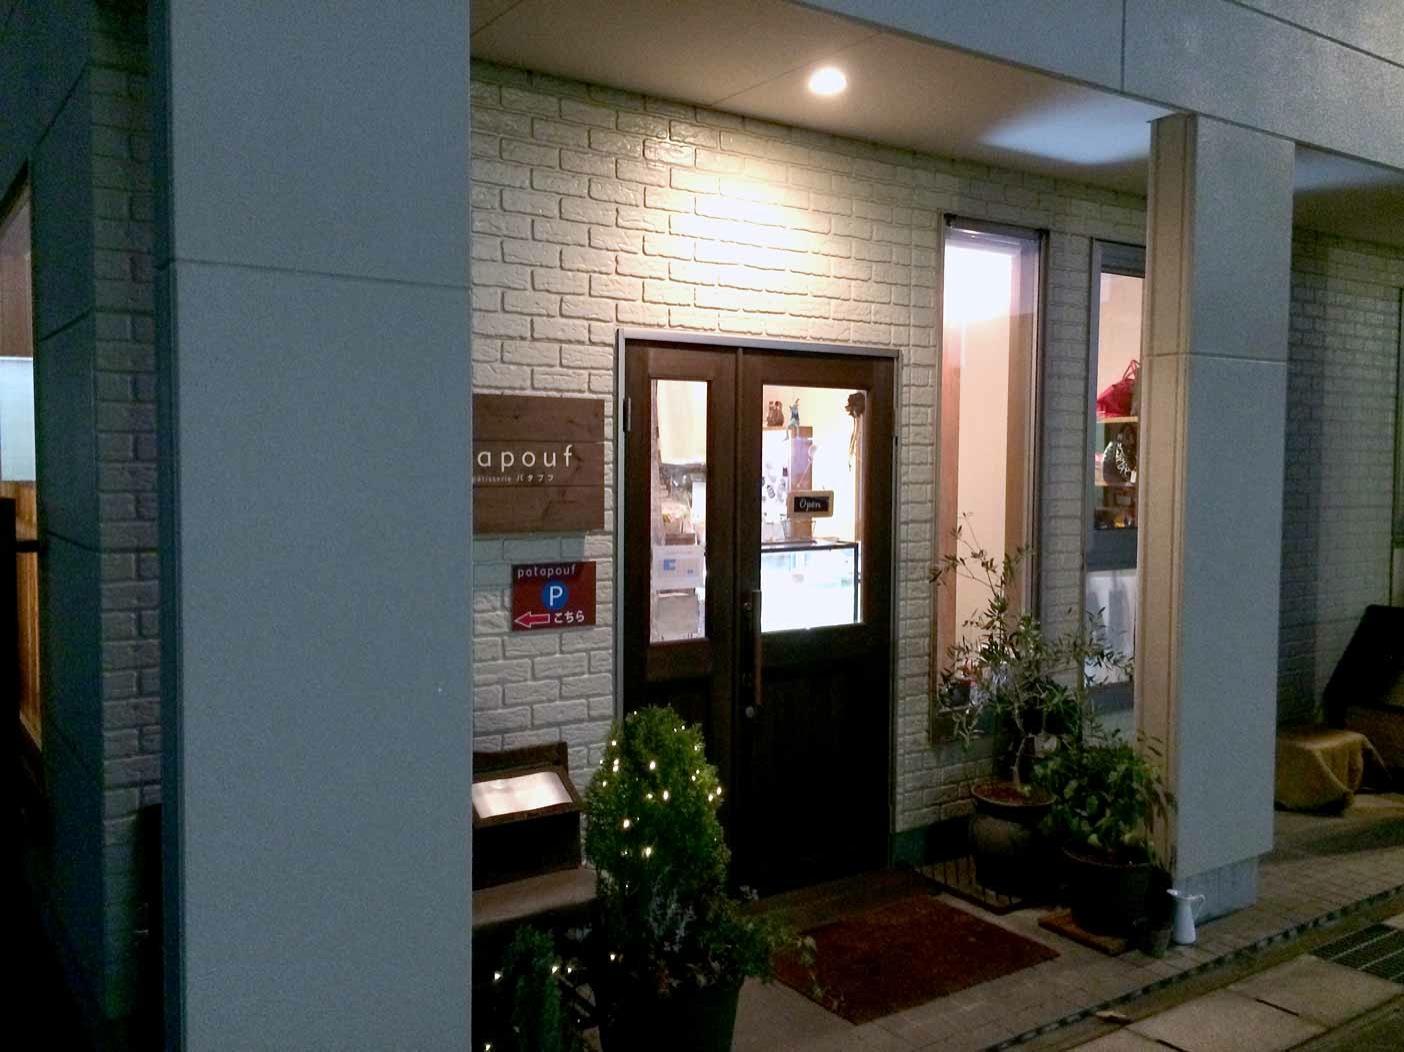 Patapouf cafe okazaki007